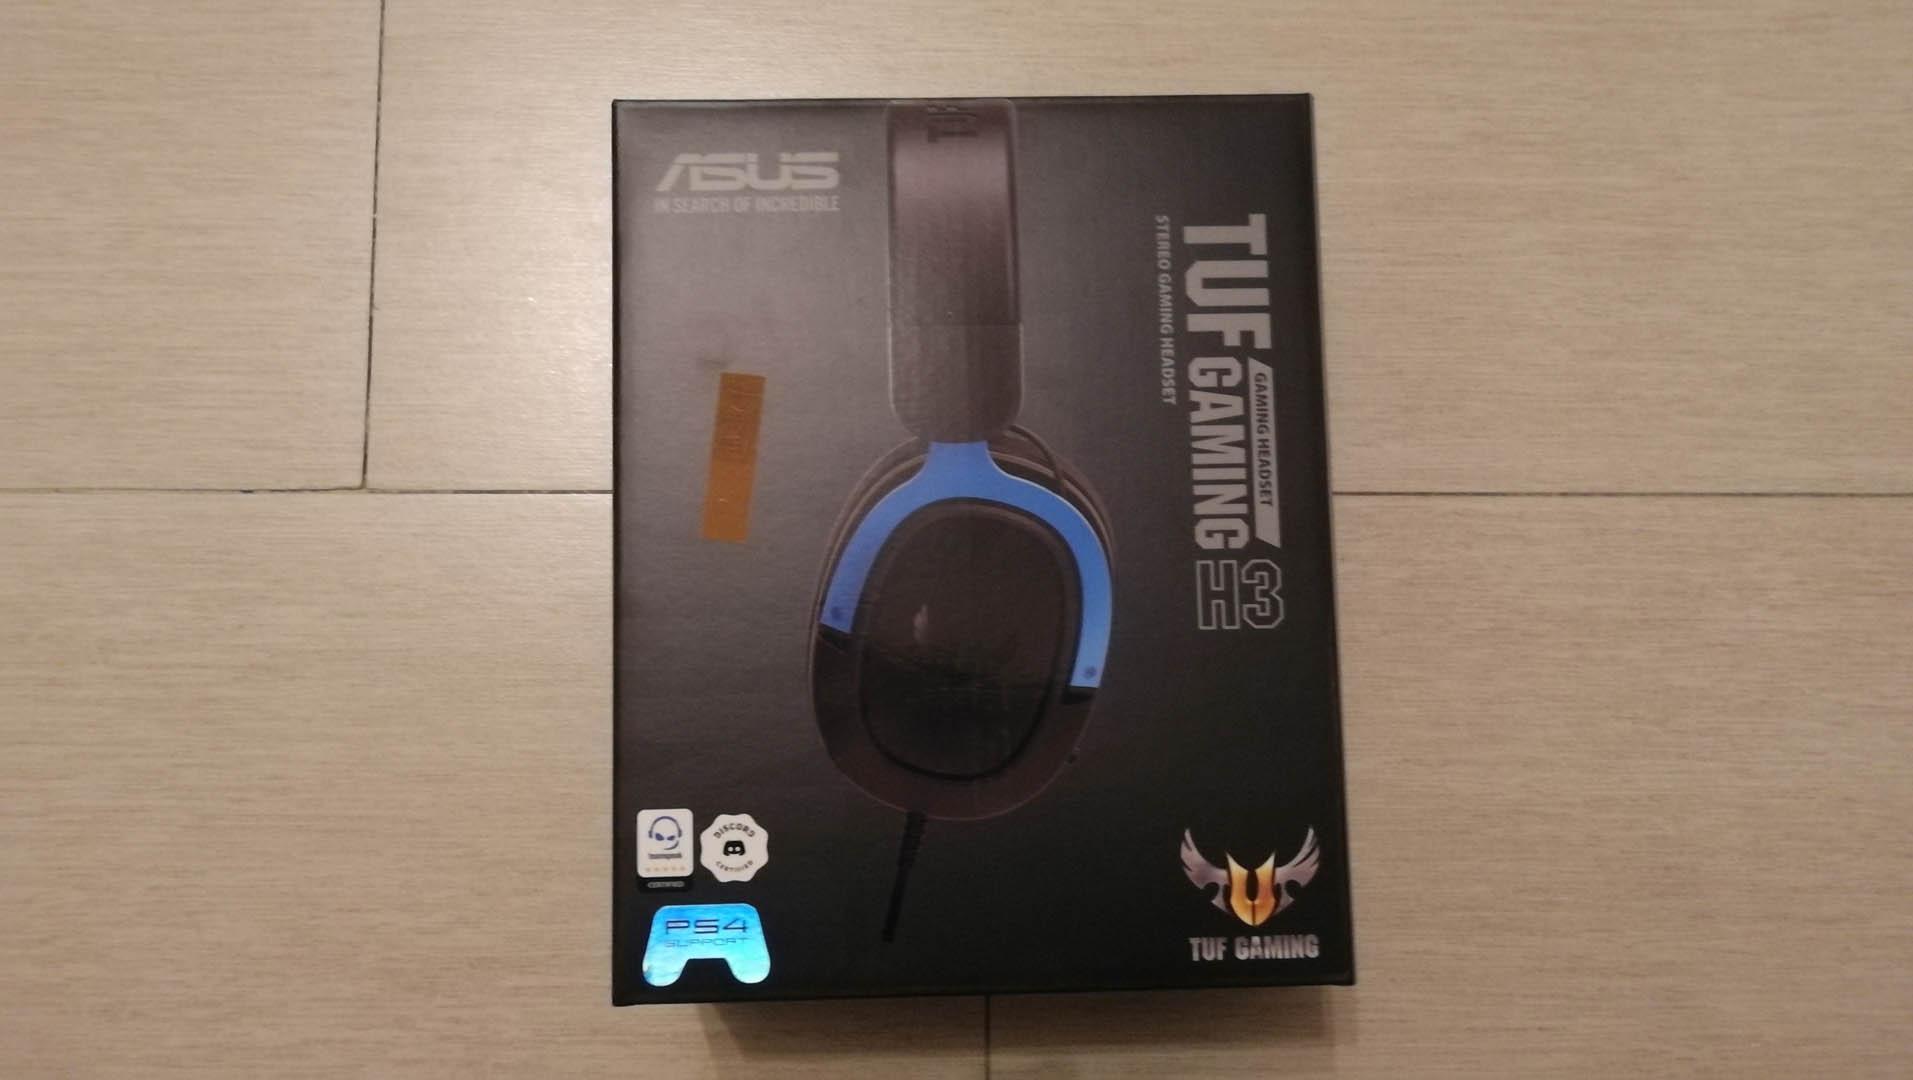 Recensione Asus TUF Gaming H3: bassi potenti e audio virtuale a 7.1 canali 6